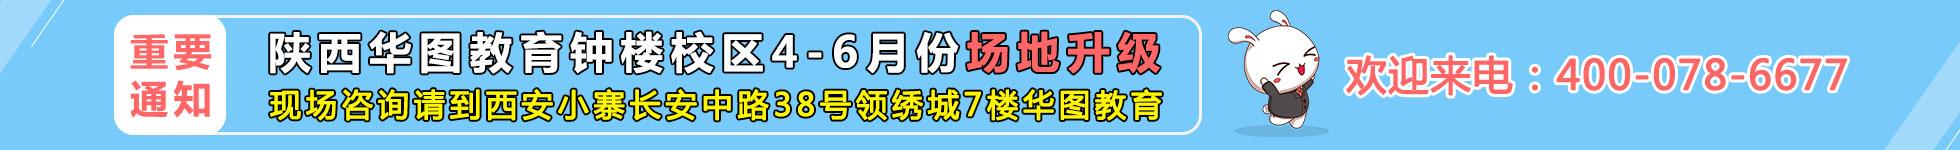 2018陕西华图分校咨询电话地址